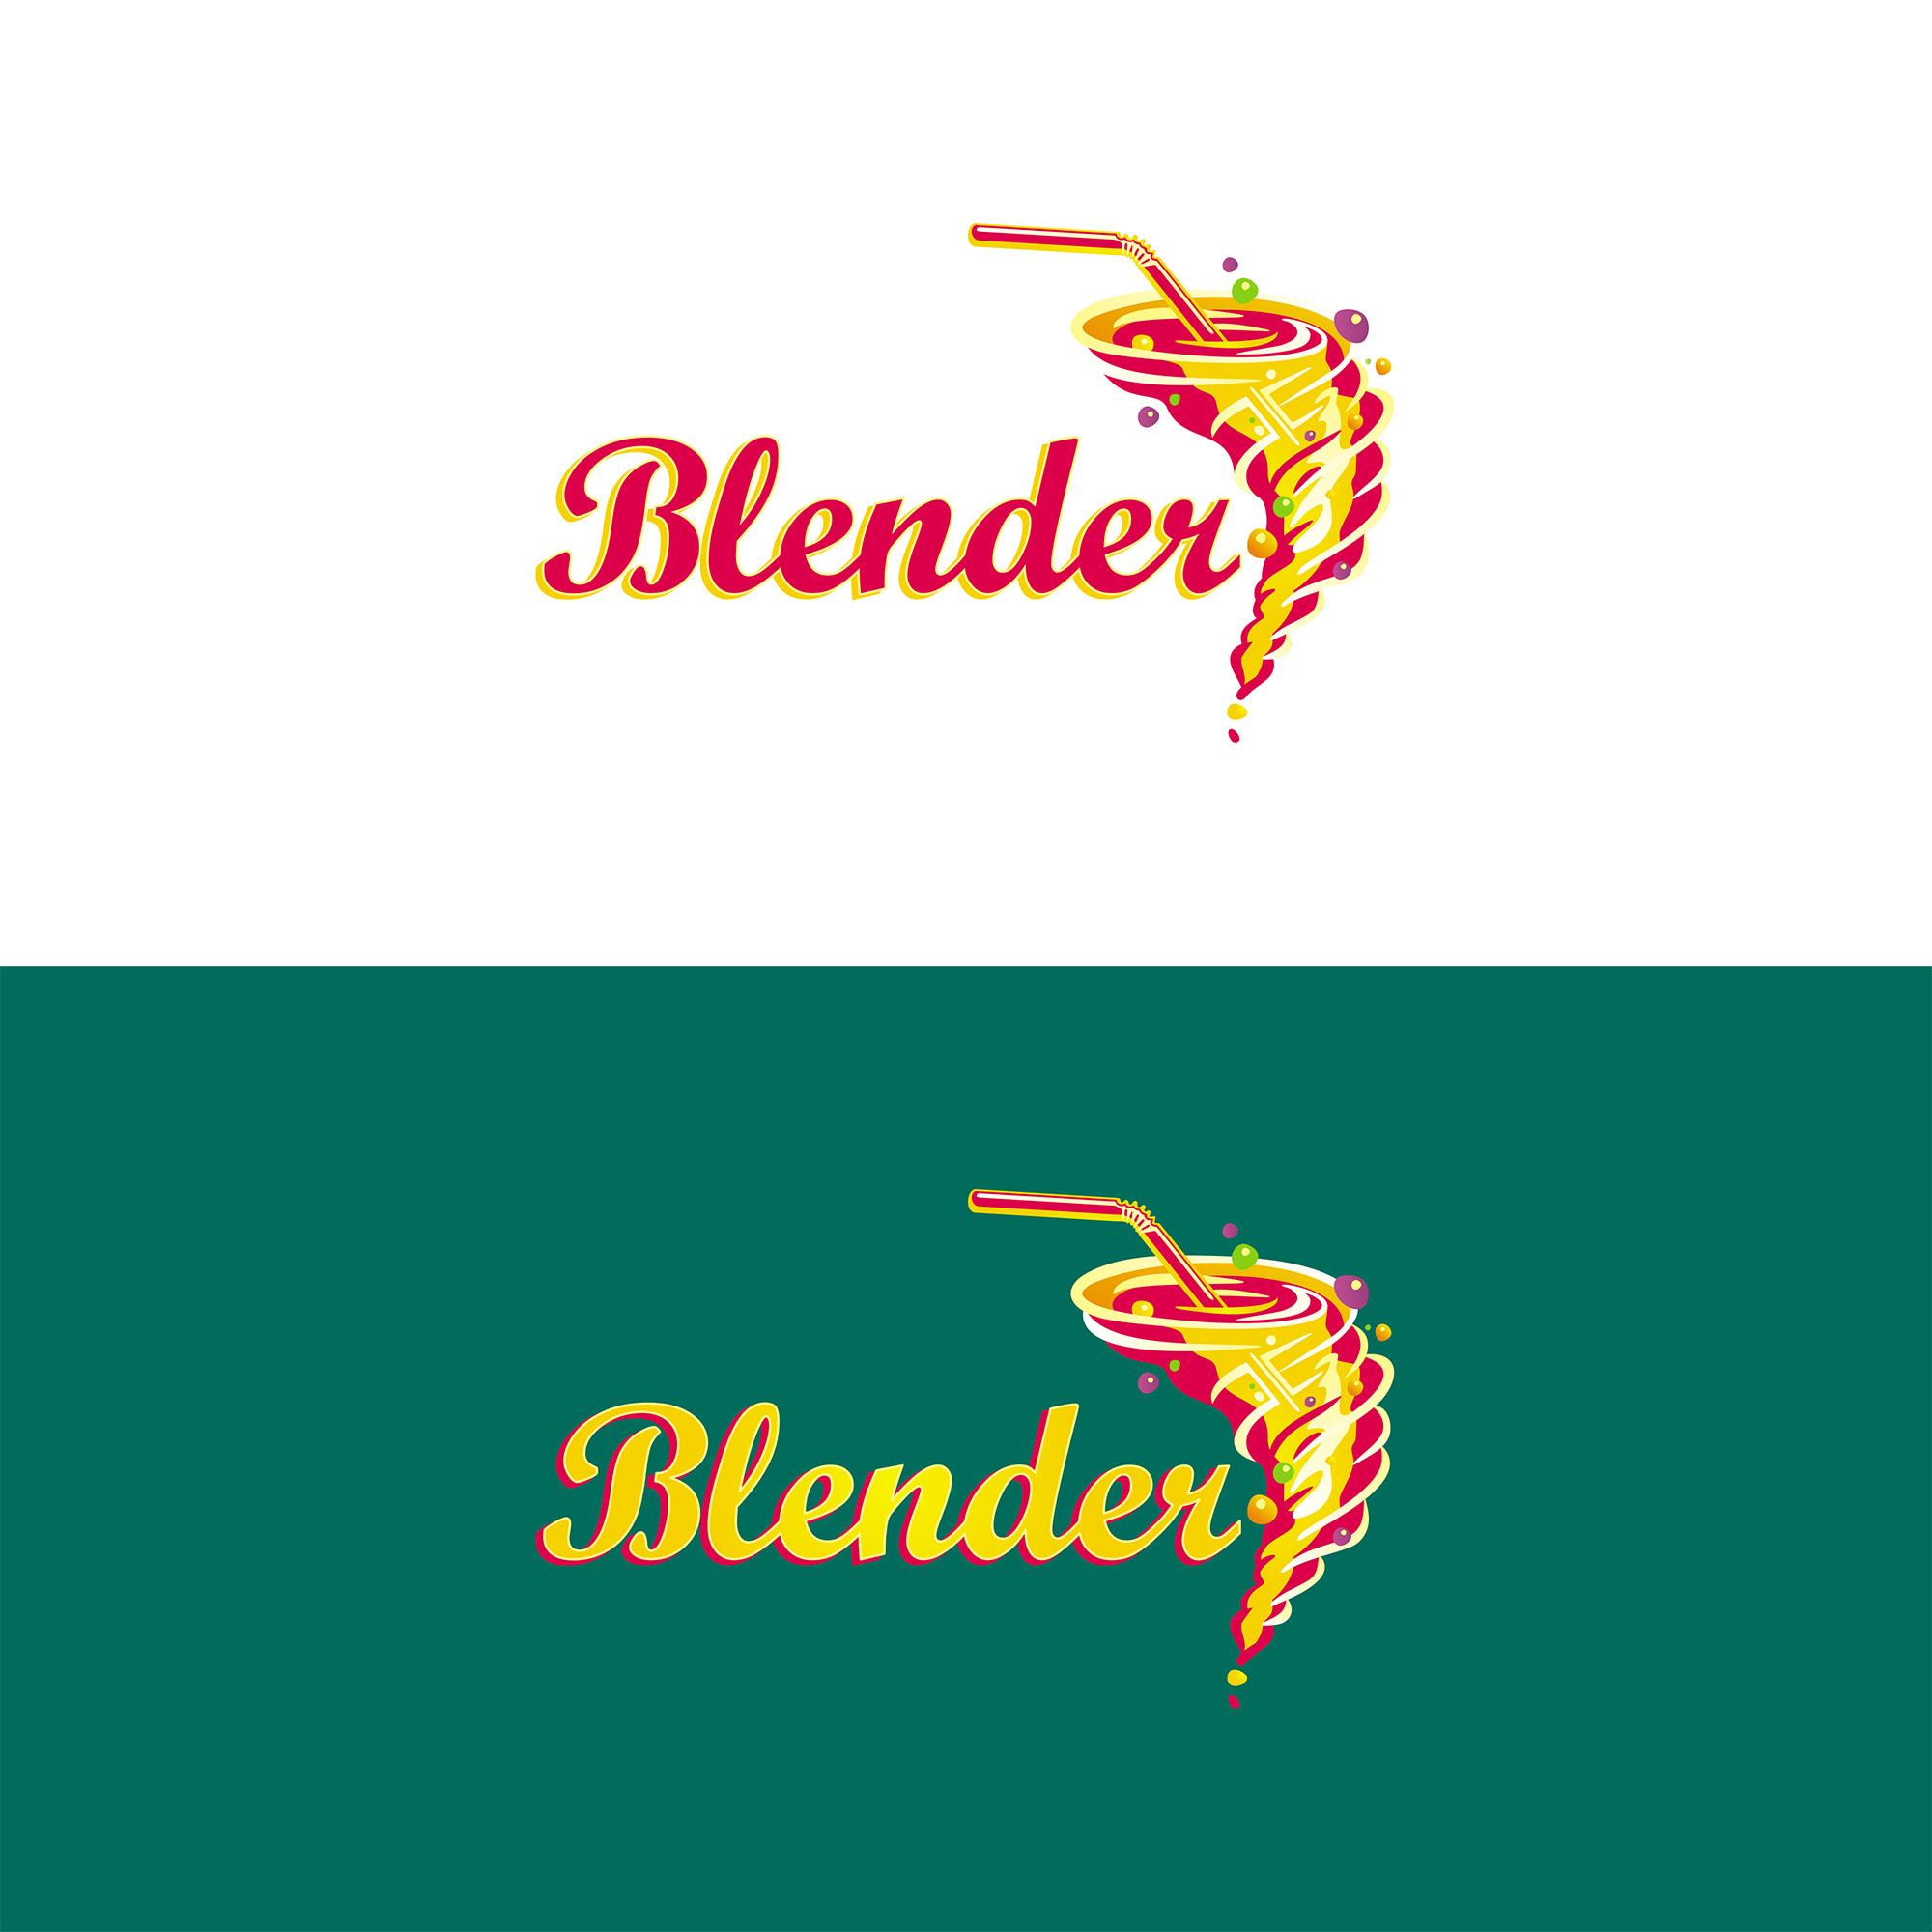 BLENDER 002